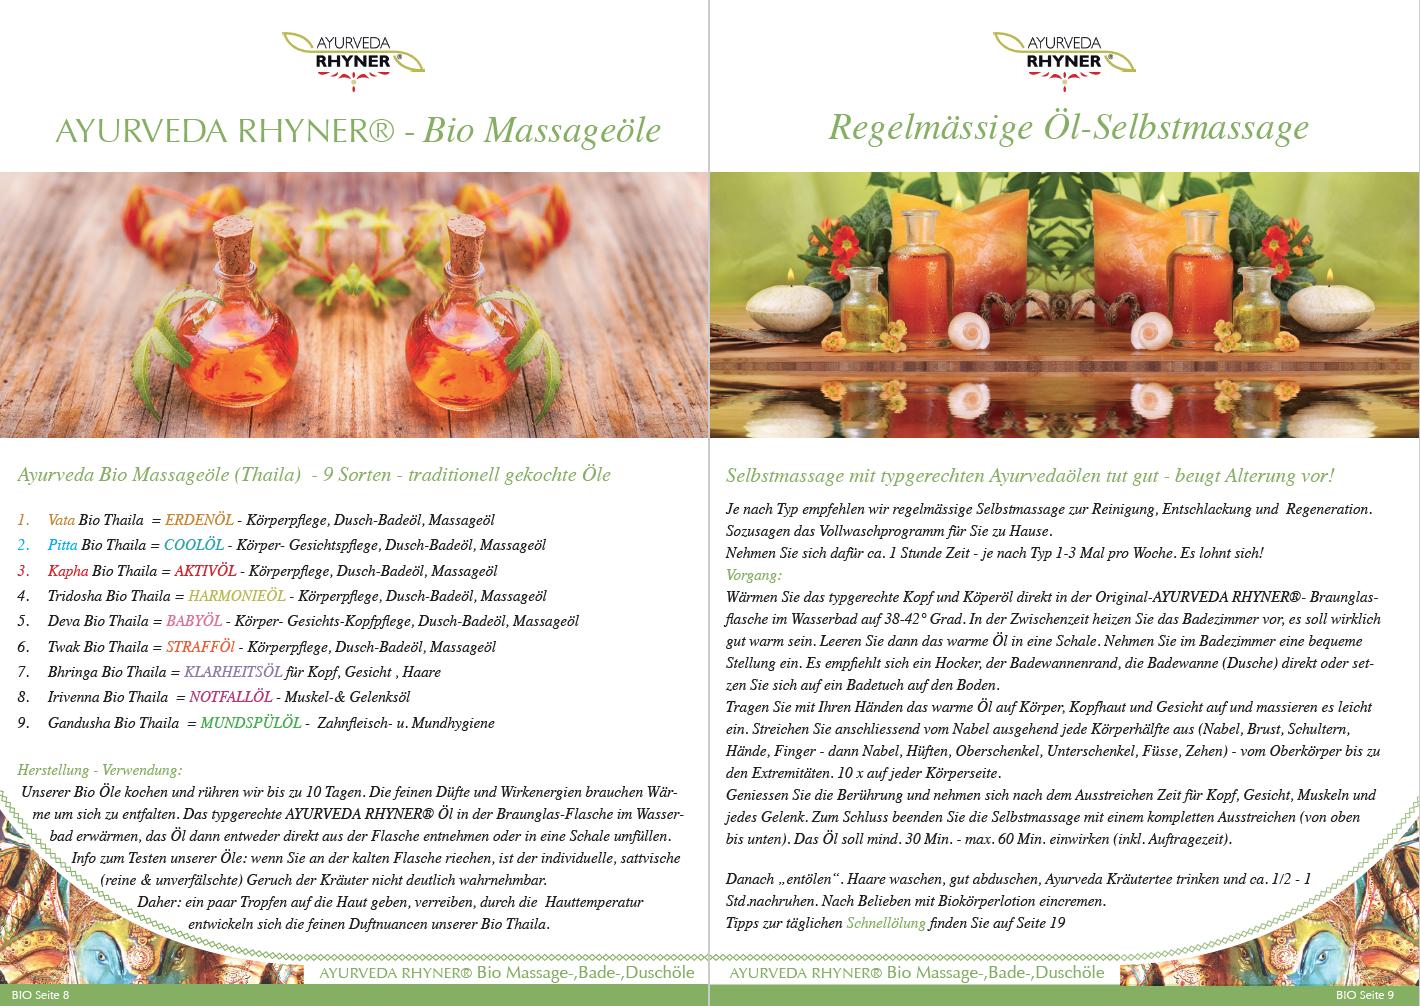 Seite 6-7 - Bio Massageöle - Übersicht und Selbstmassage